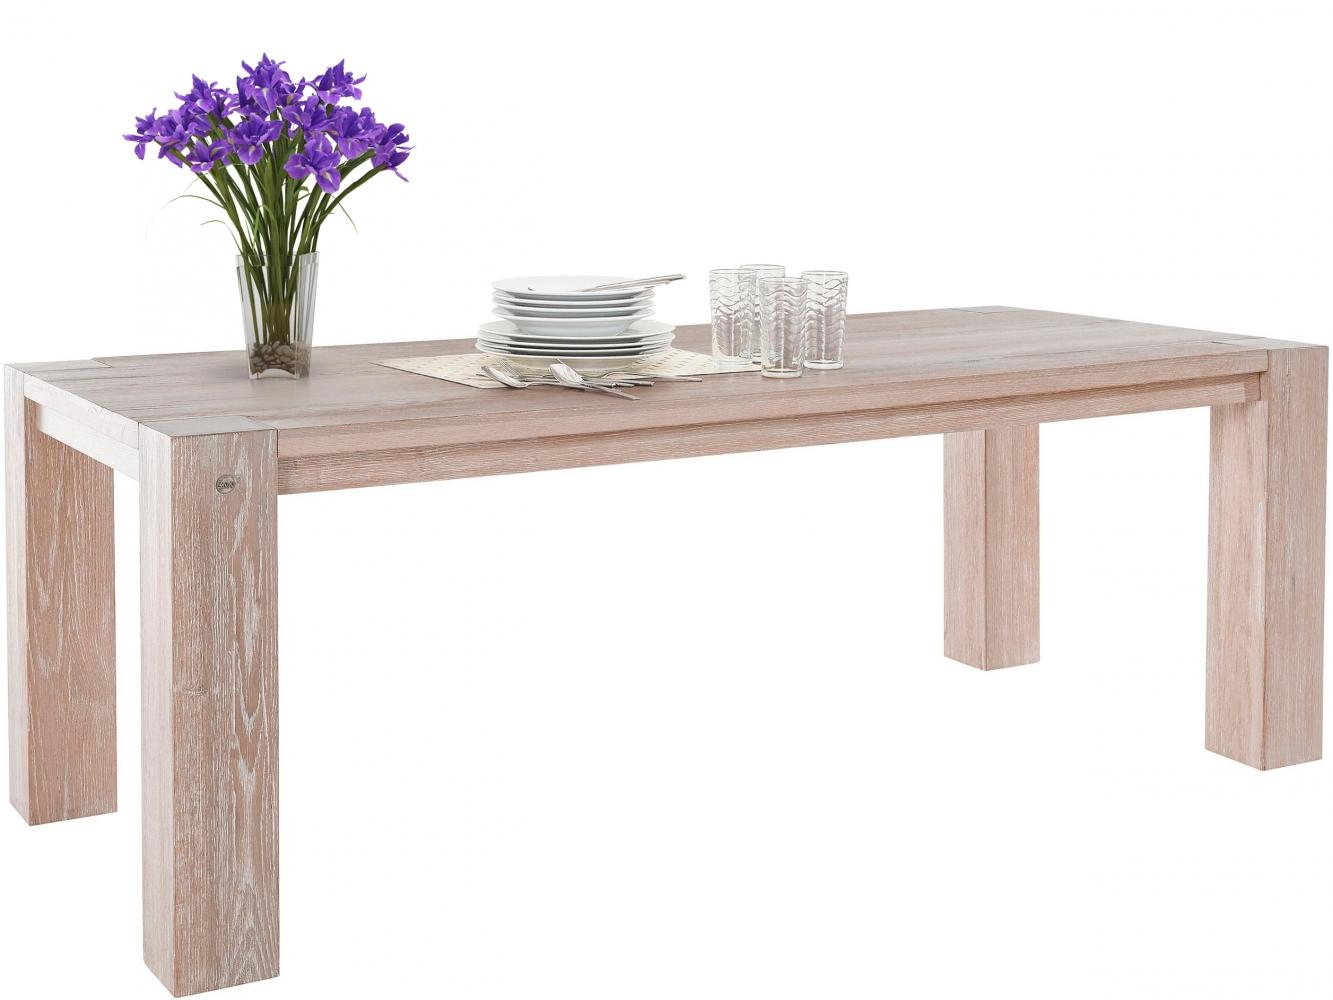 Jídelní stůl Sibera, 220 cm, bílá